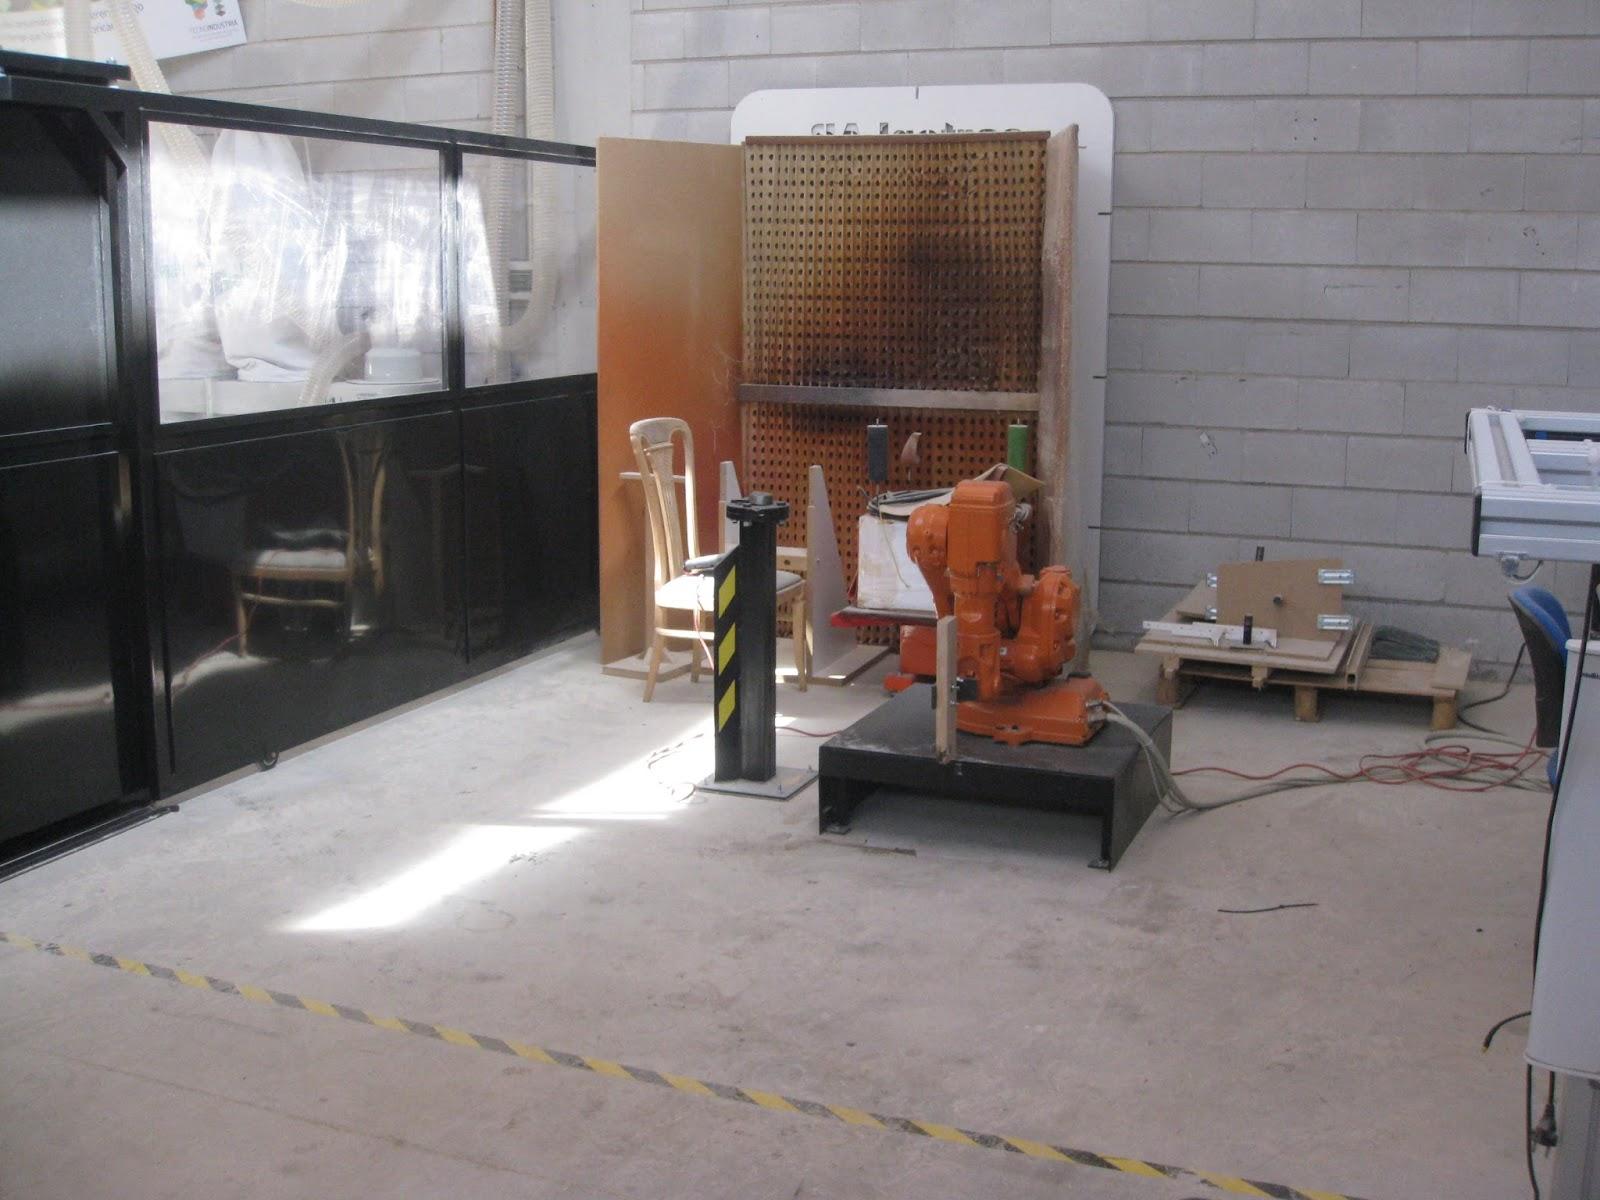 Fp madera murcia visita cetem centro tecnologico del - Comercial del mueble ...